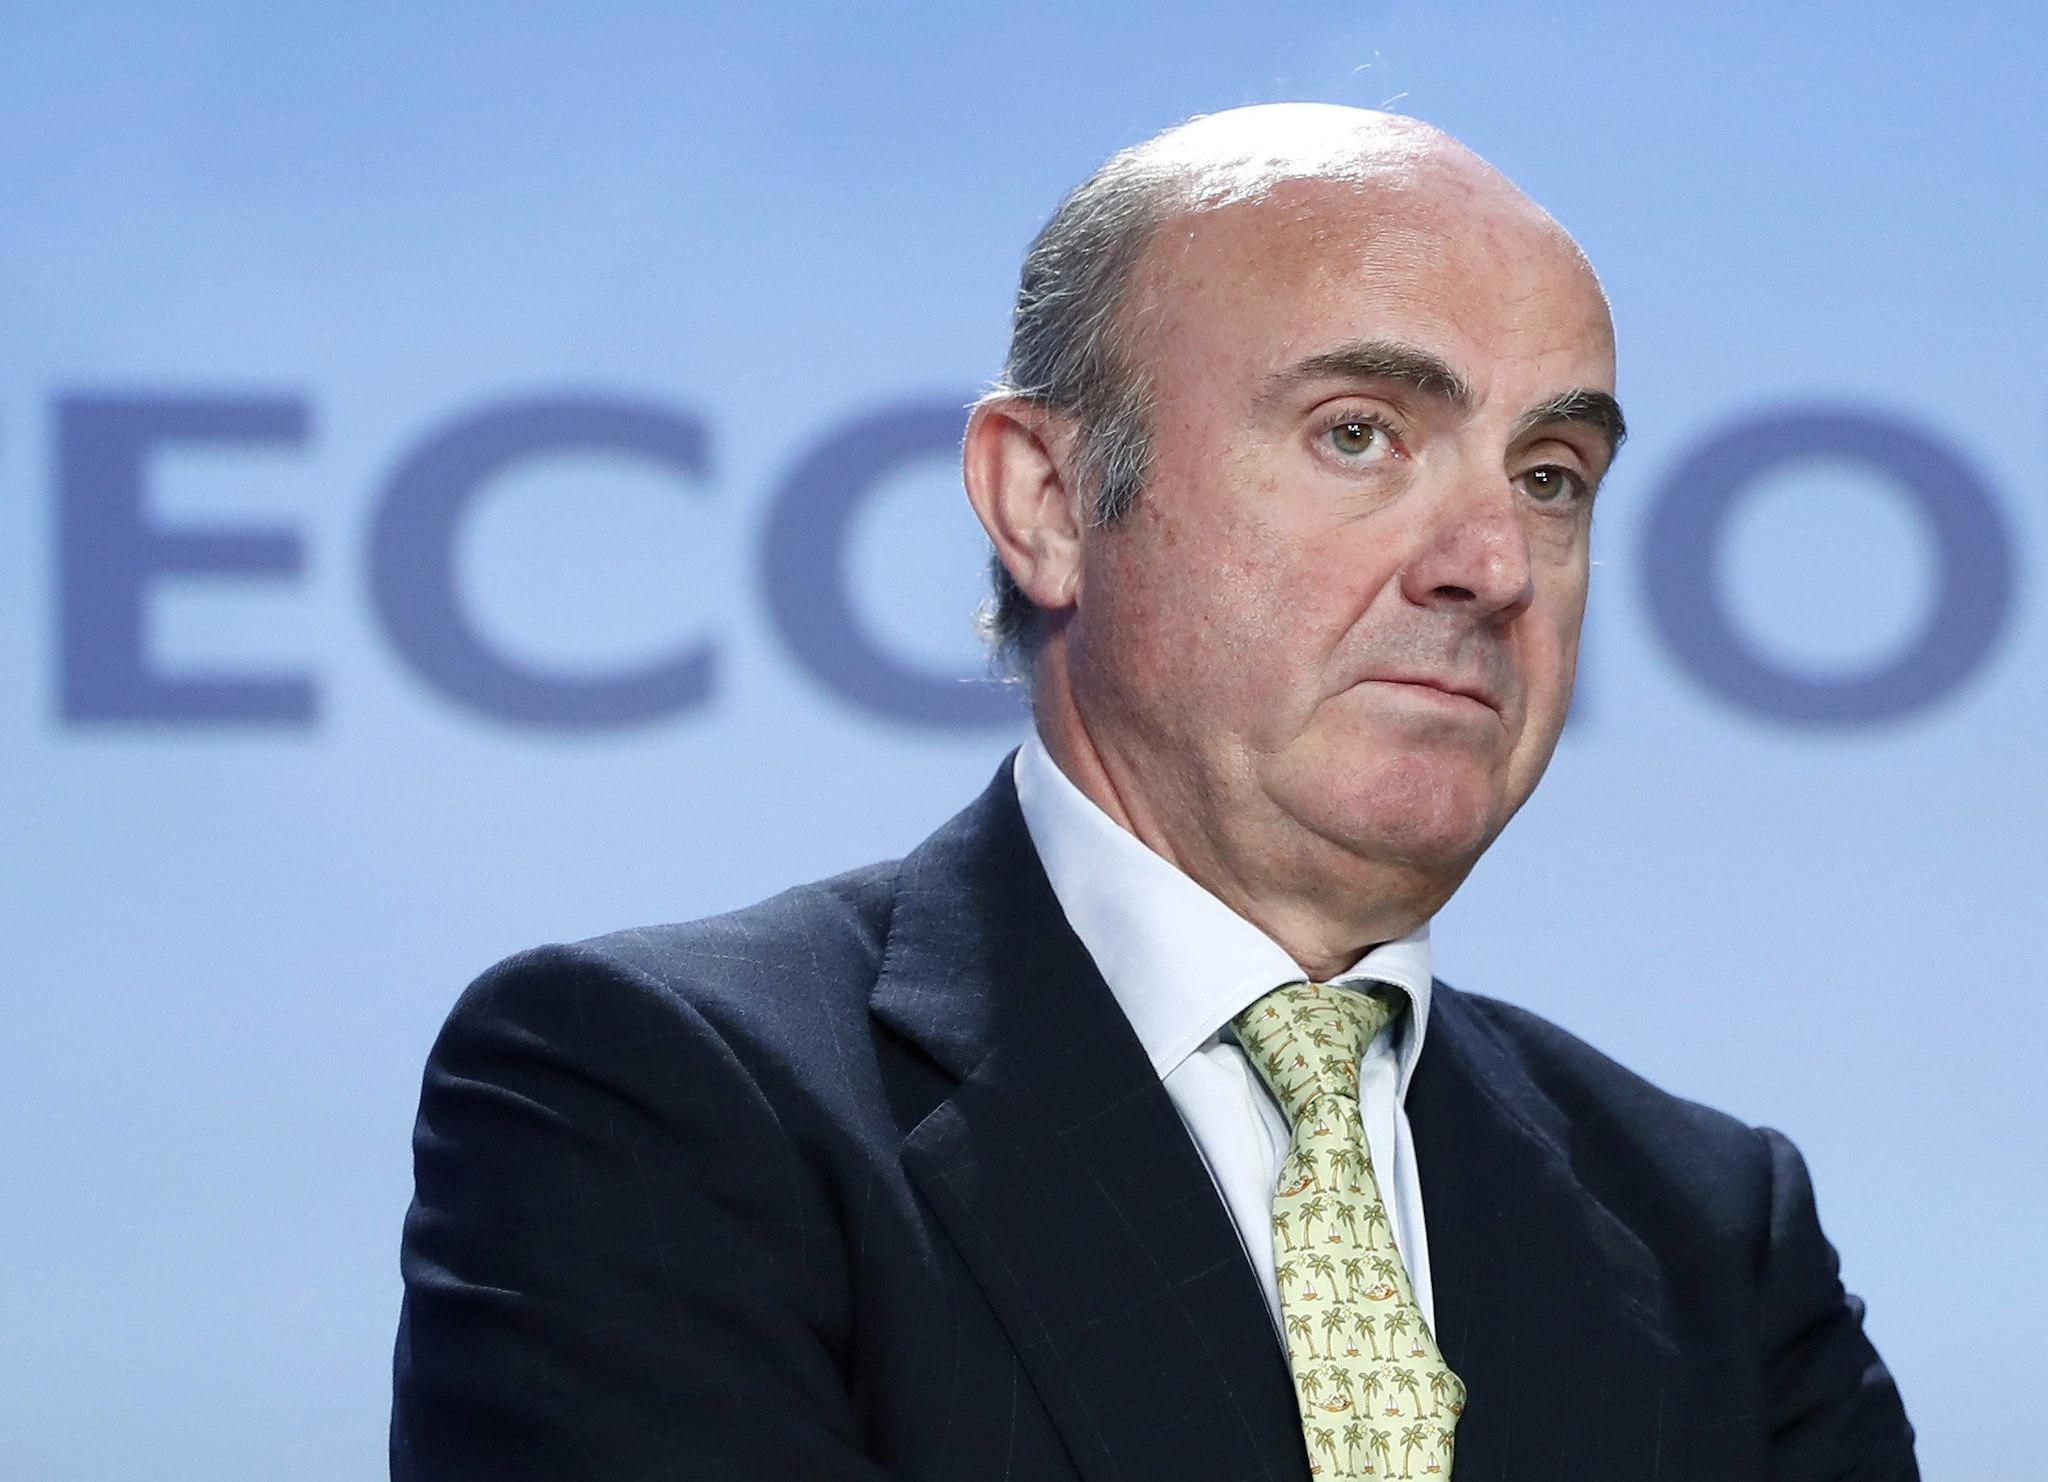 El ministro de Economía, Industria y Competitividad, Luis de Guindos, el pasado día 25, en la inauguración de la XXXIII Reunión del Círculo de Economía de Sitges.